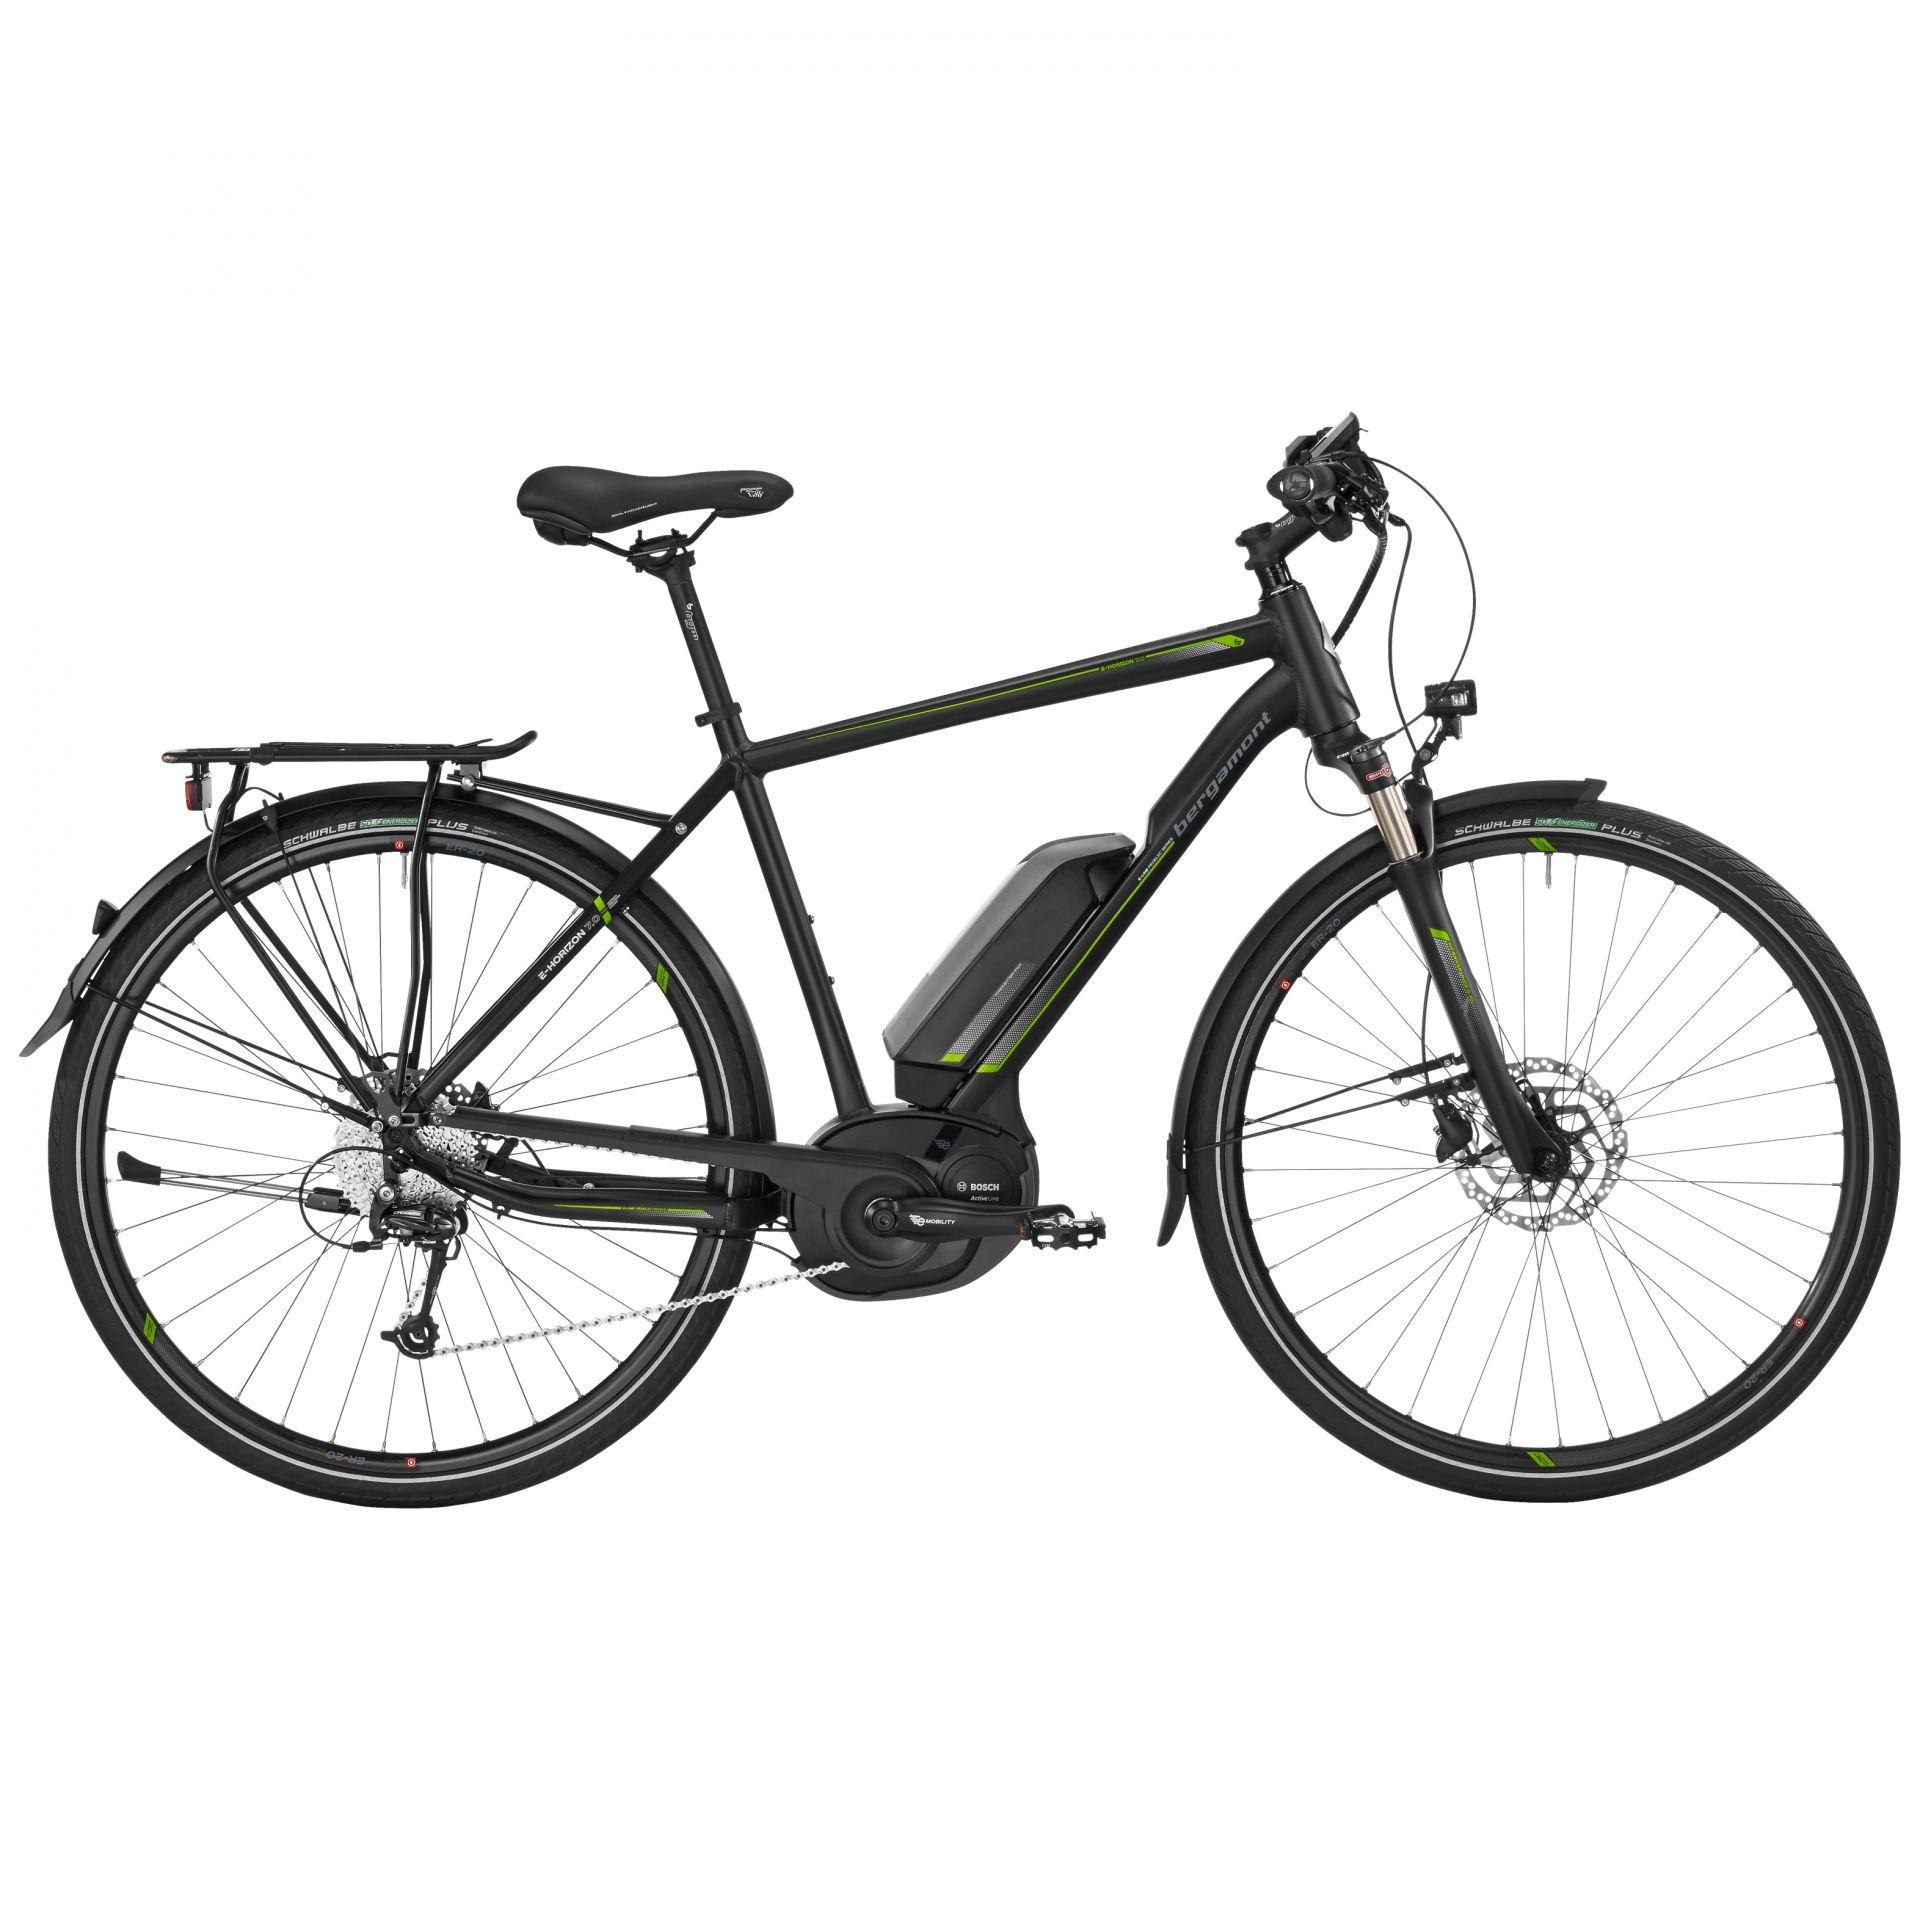 Vélo à assistance électrique Bergamont E-Horizon 7.0 Gent Noir/Lime - 56 cm